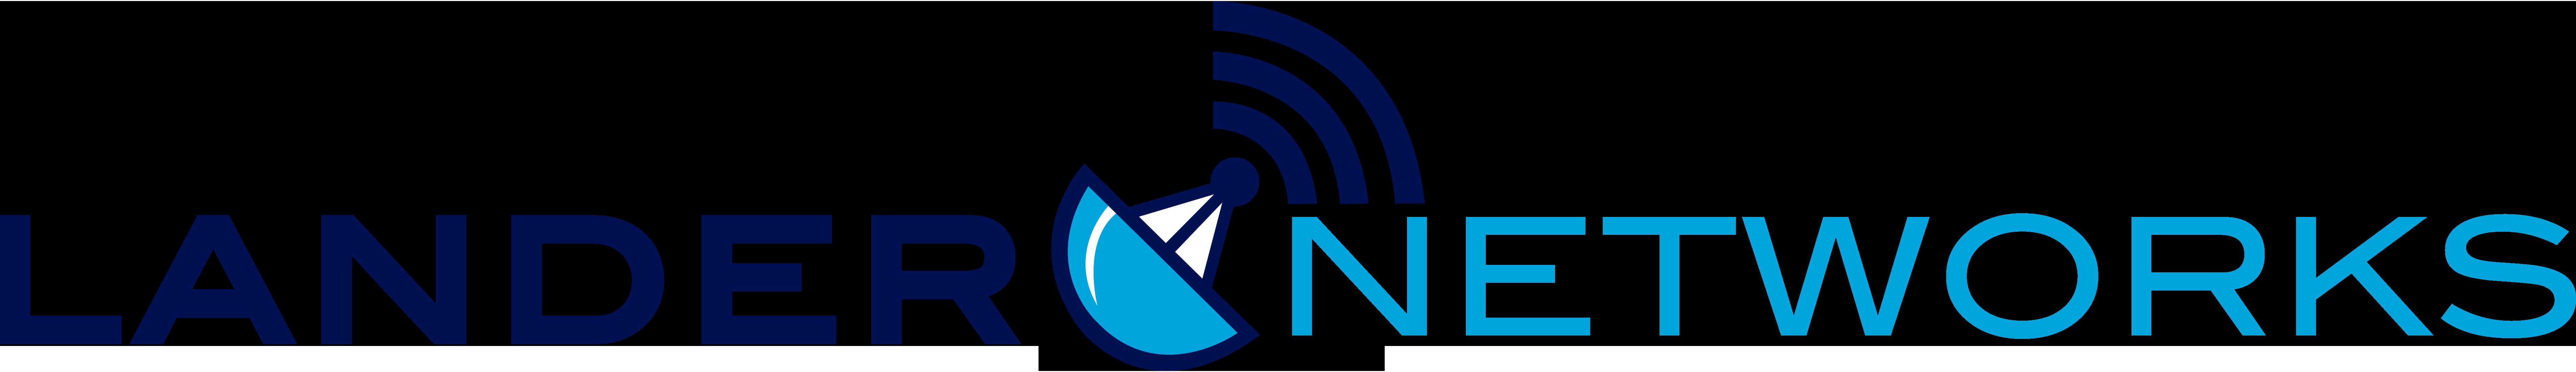 Lander NETWORKS